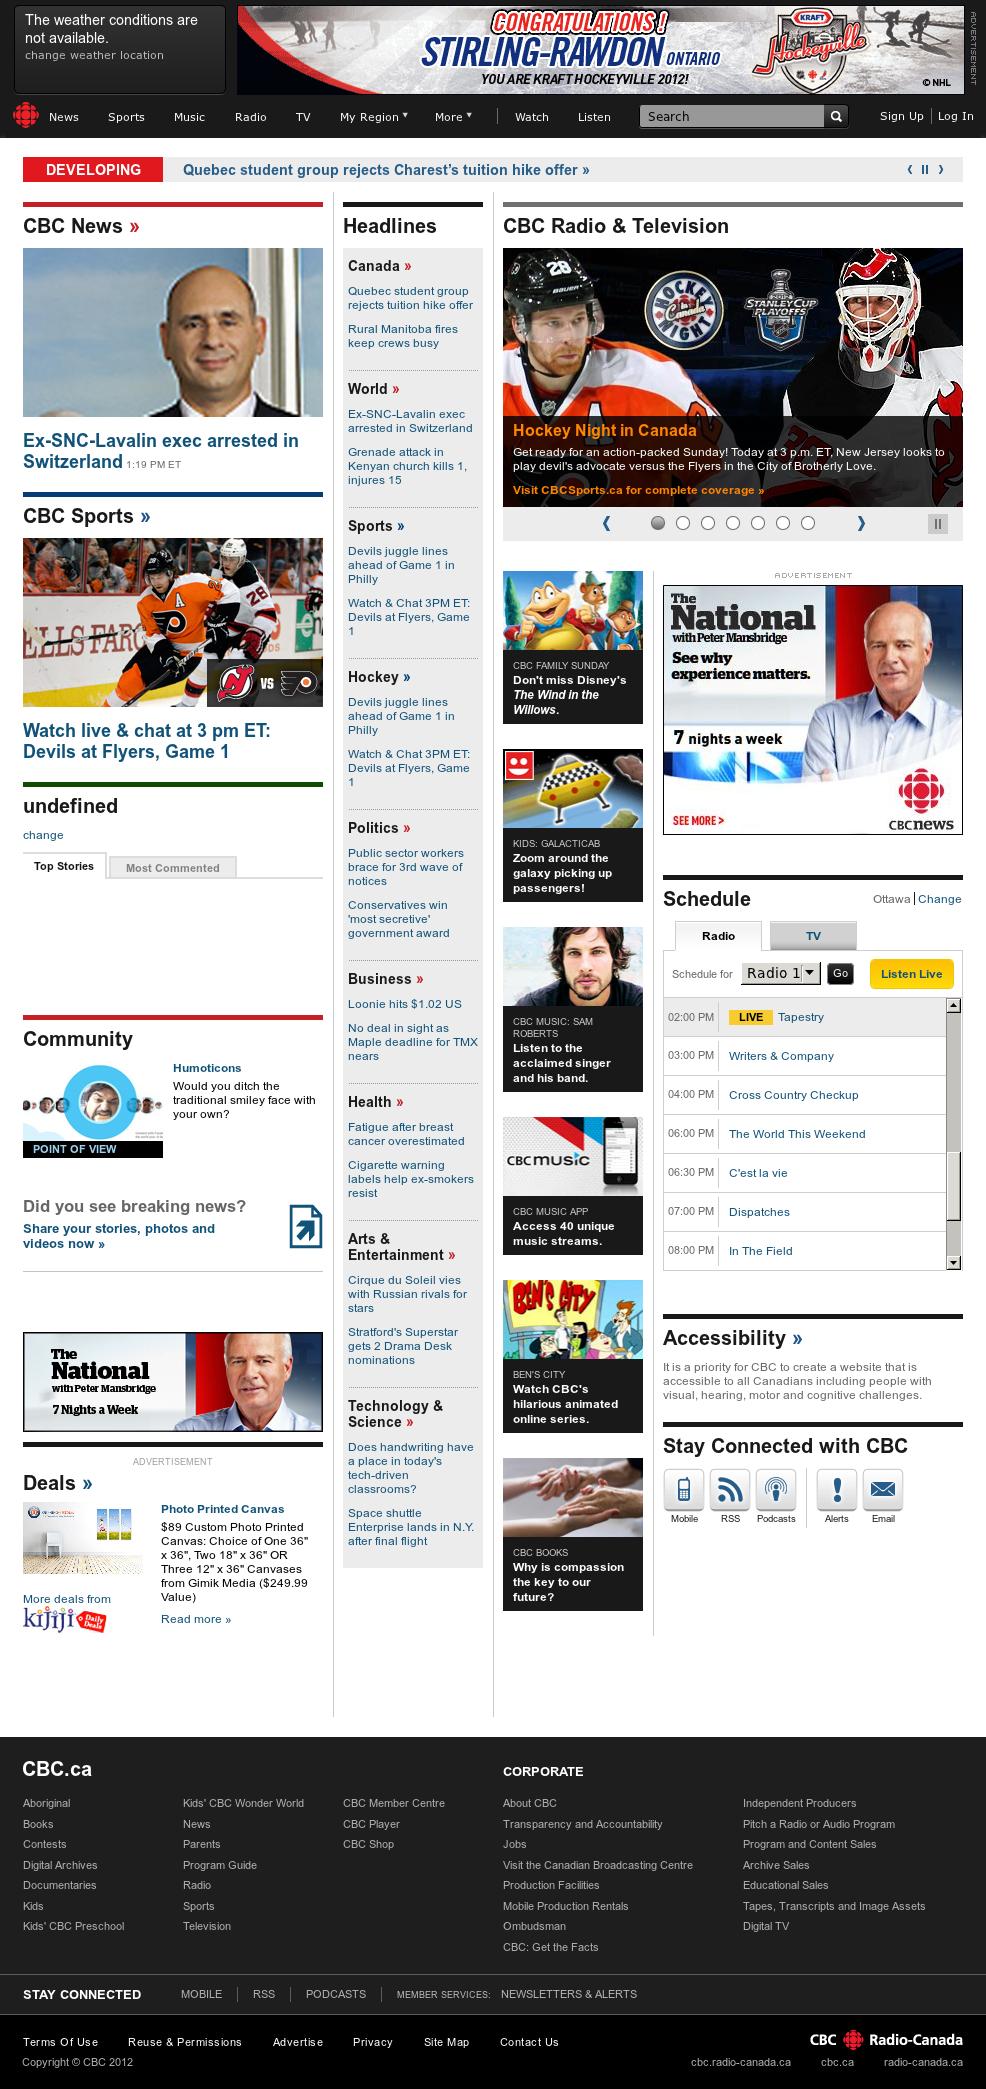 CBC at Sunday April 29, 2012, 6:02 p.m. UTC